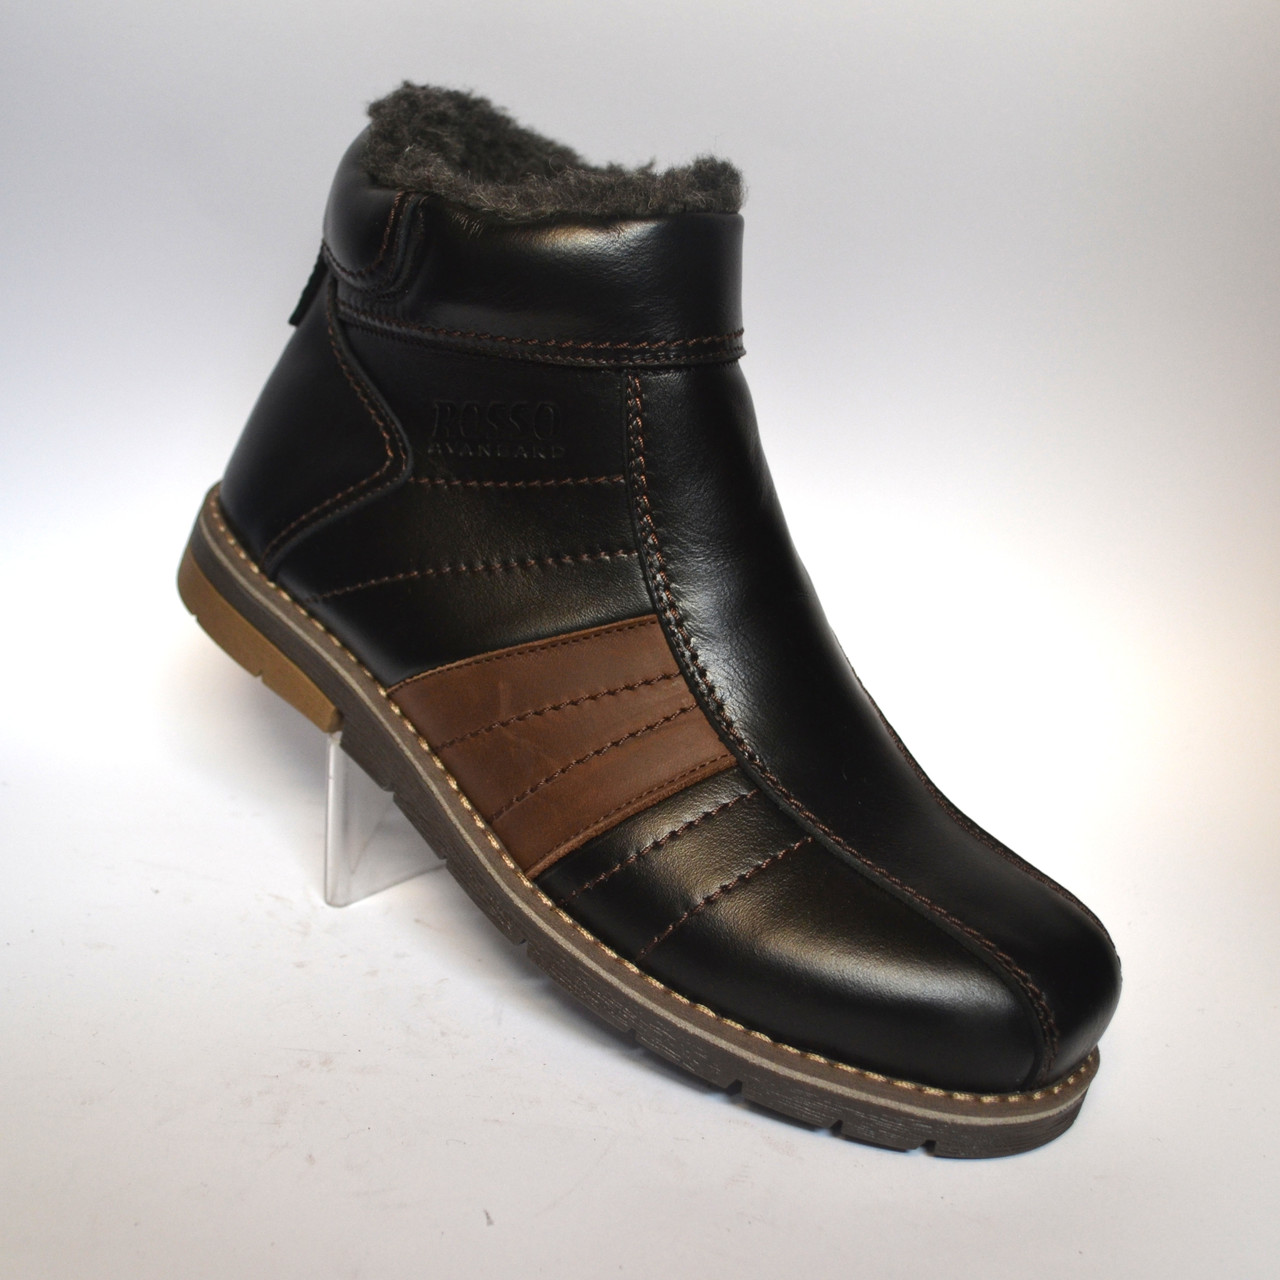 Великі розміри Шкіряні зимові чоловічі черевики Rosso Avangard #294 BS чорні